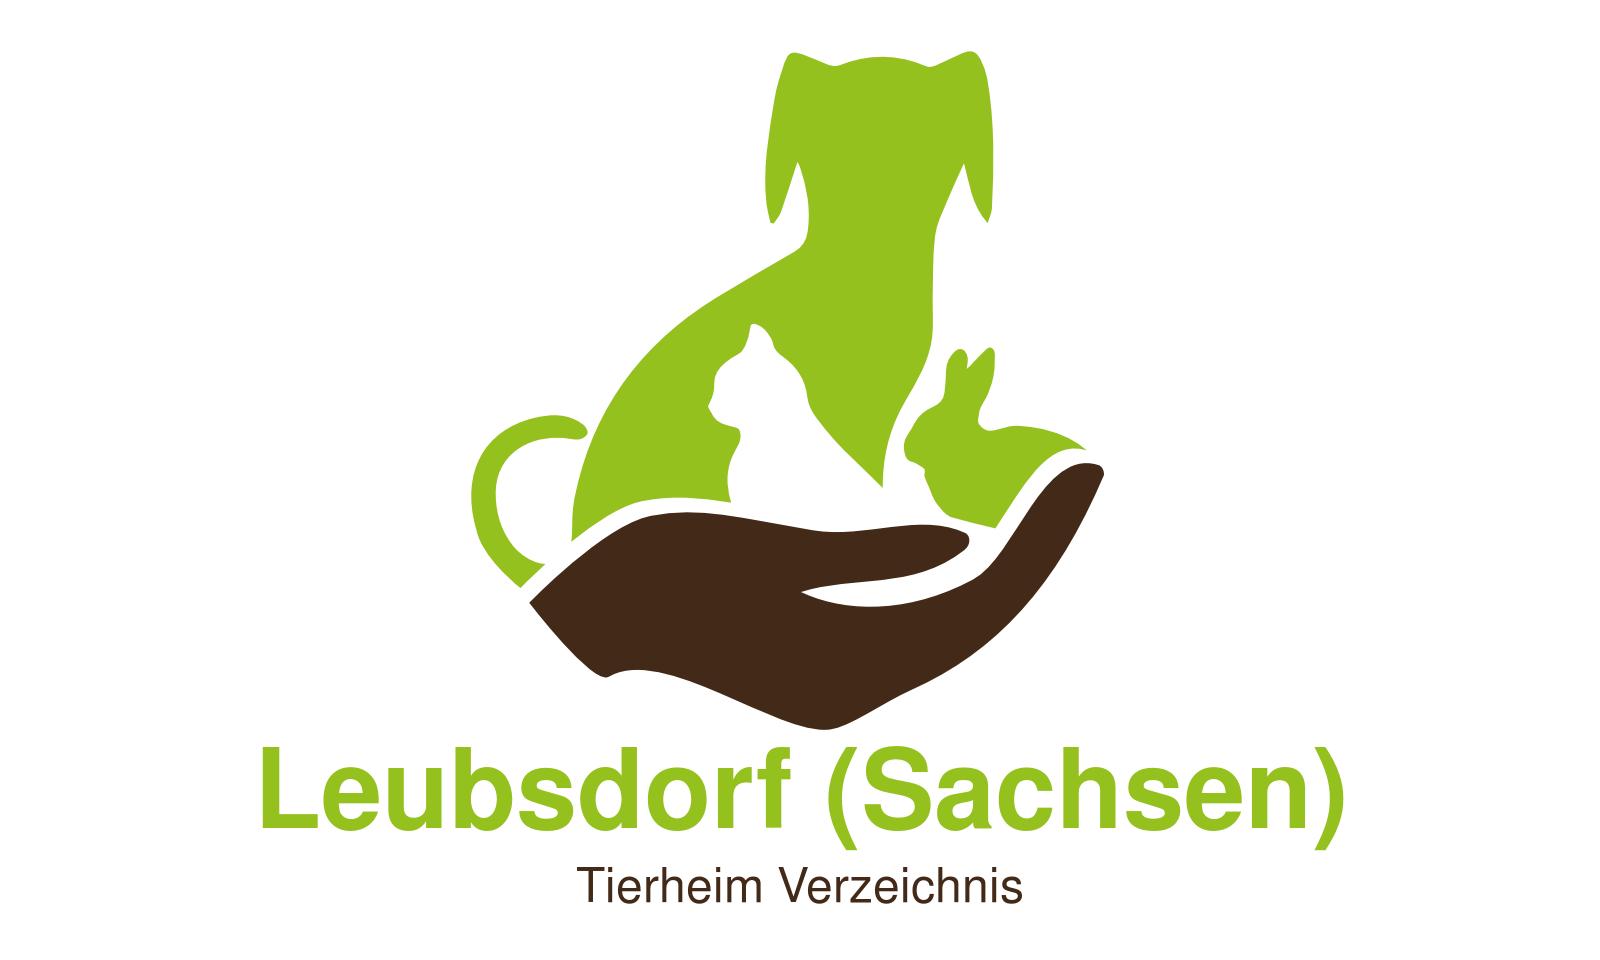 Tierheim Leubsdorf (Sachsen)